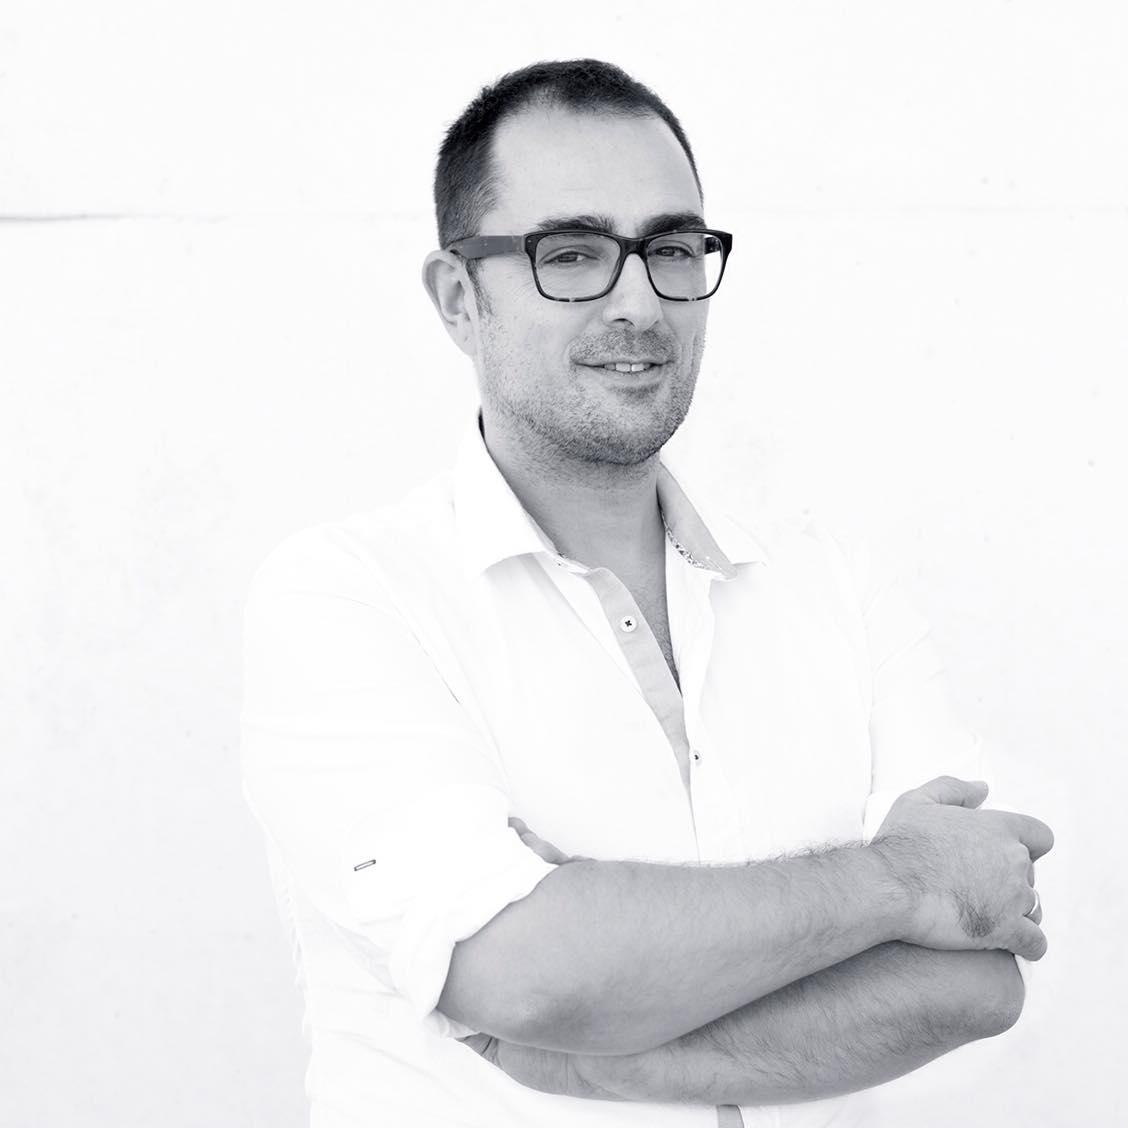 Entrevista a nuestro alumno Pablo Paniagua